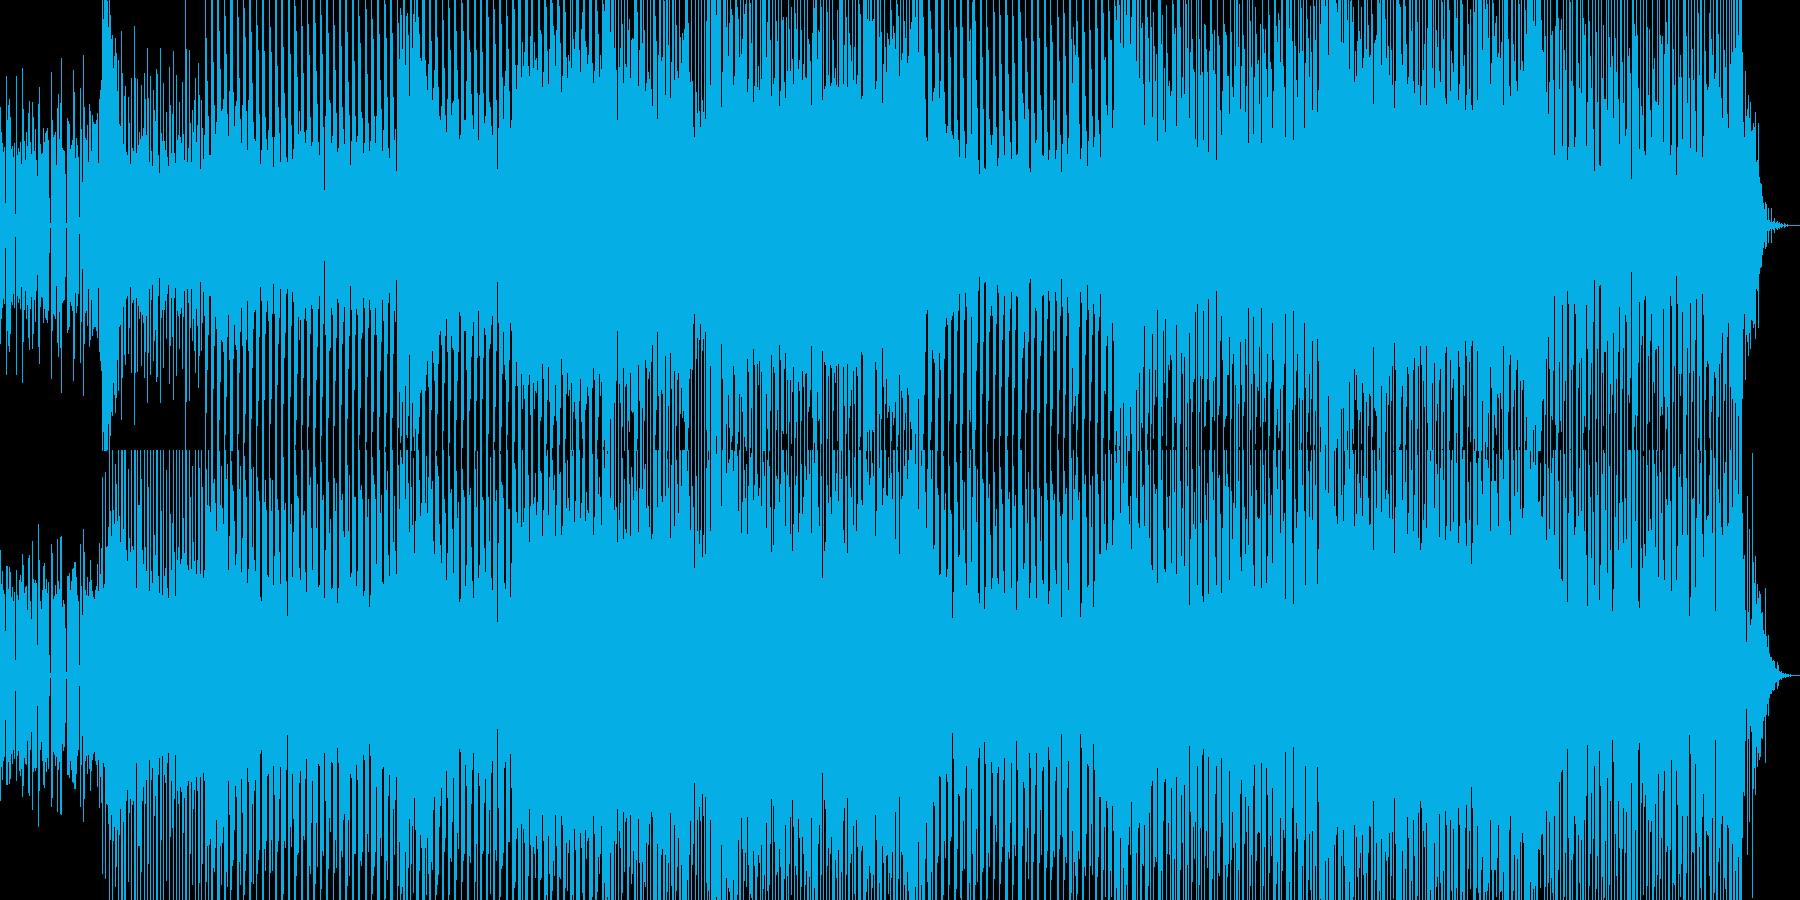 ノリノリのテクノダンス曲の再生済みの波形